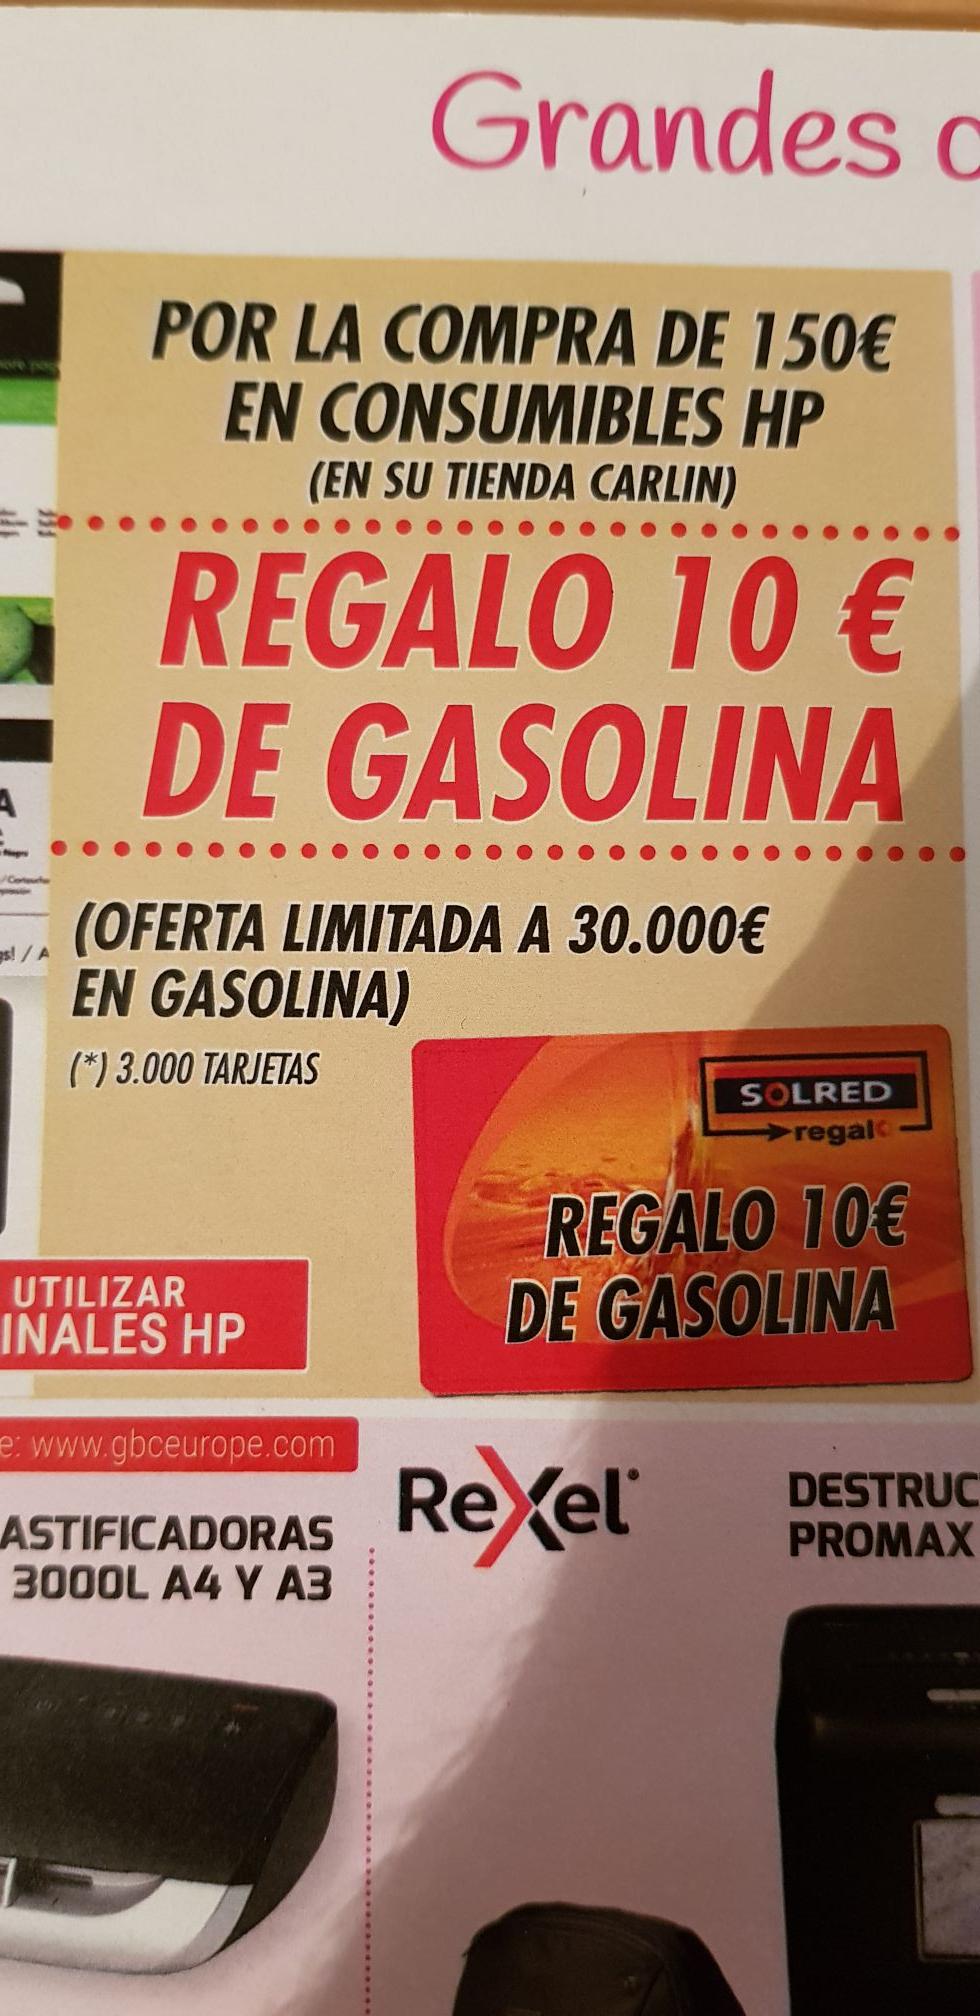 Gasolina Gratis por compra en Consumibles HP